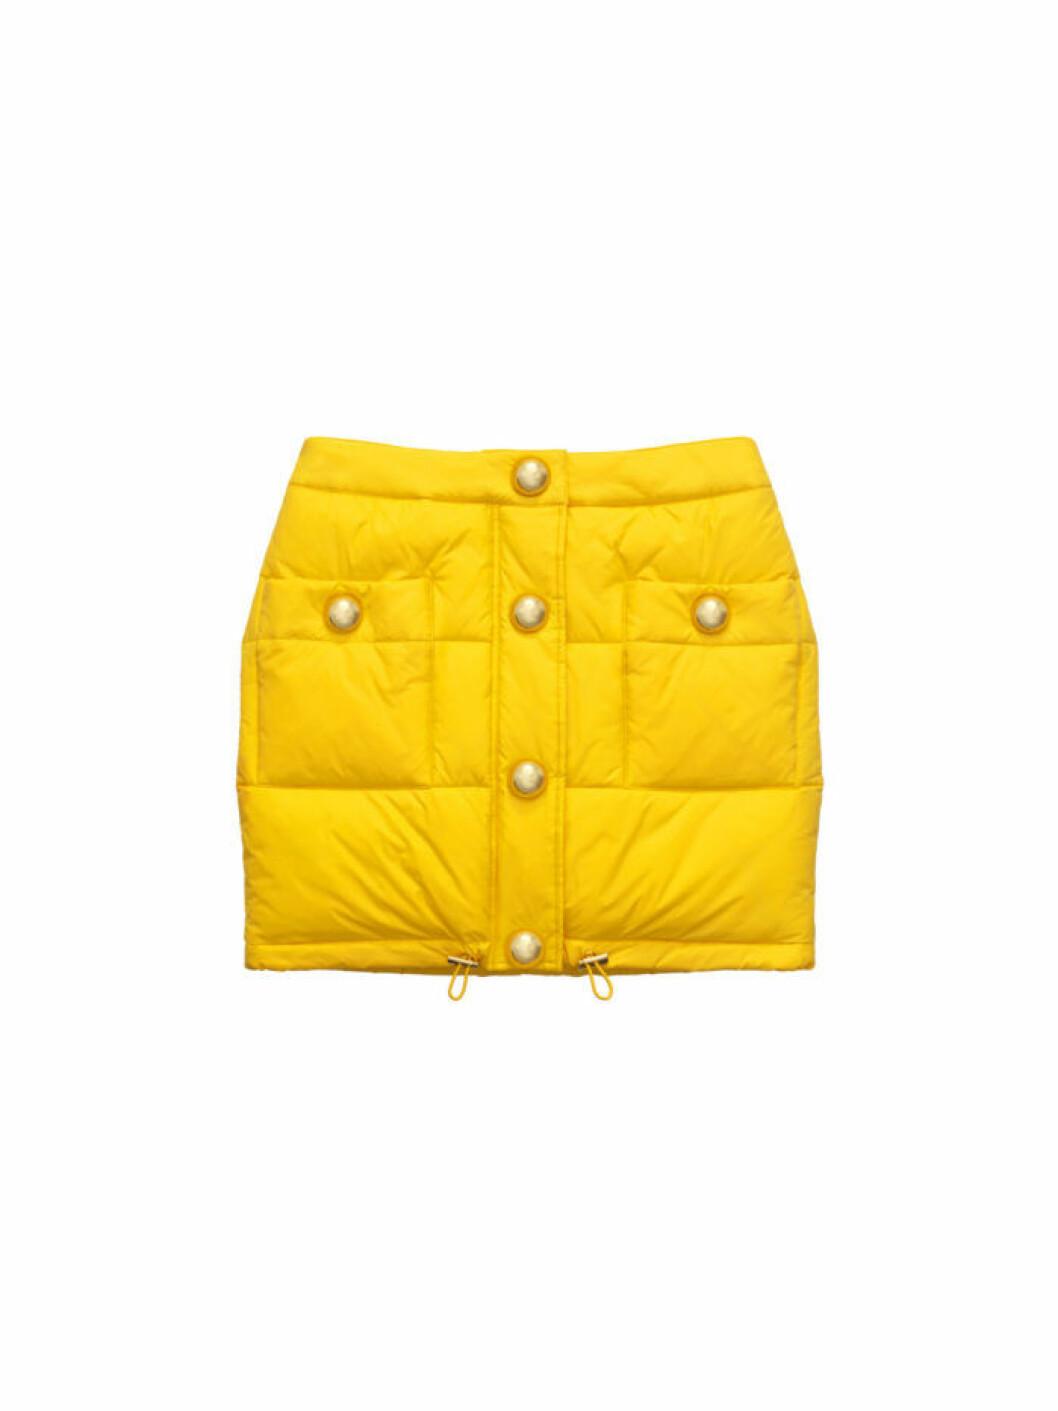 Gul kjol med guldiga knappar i vadderat material ur Moschino [tv] H&M